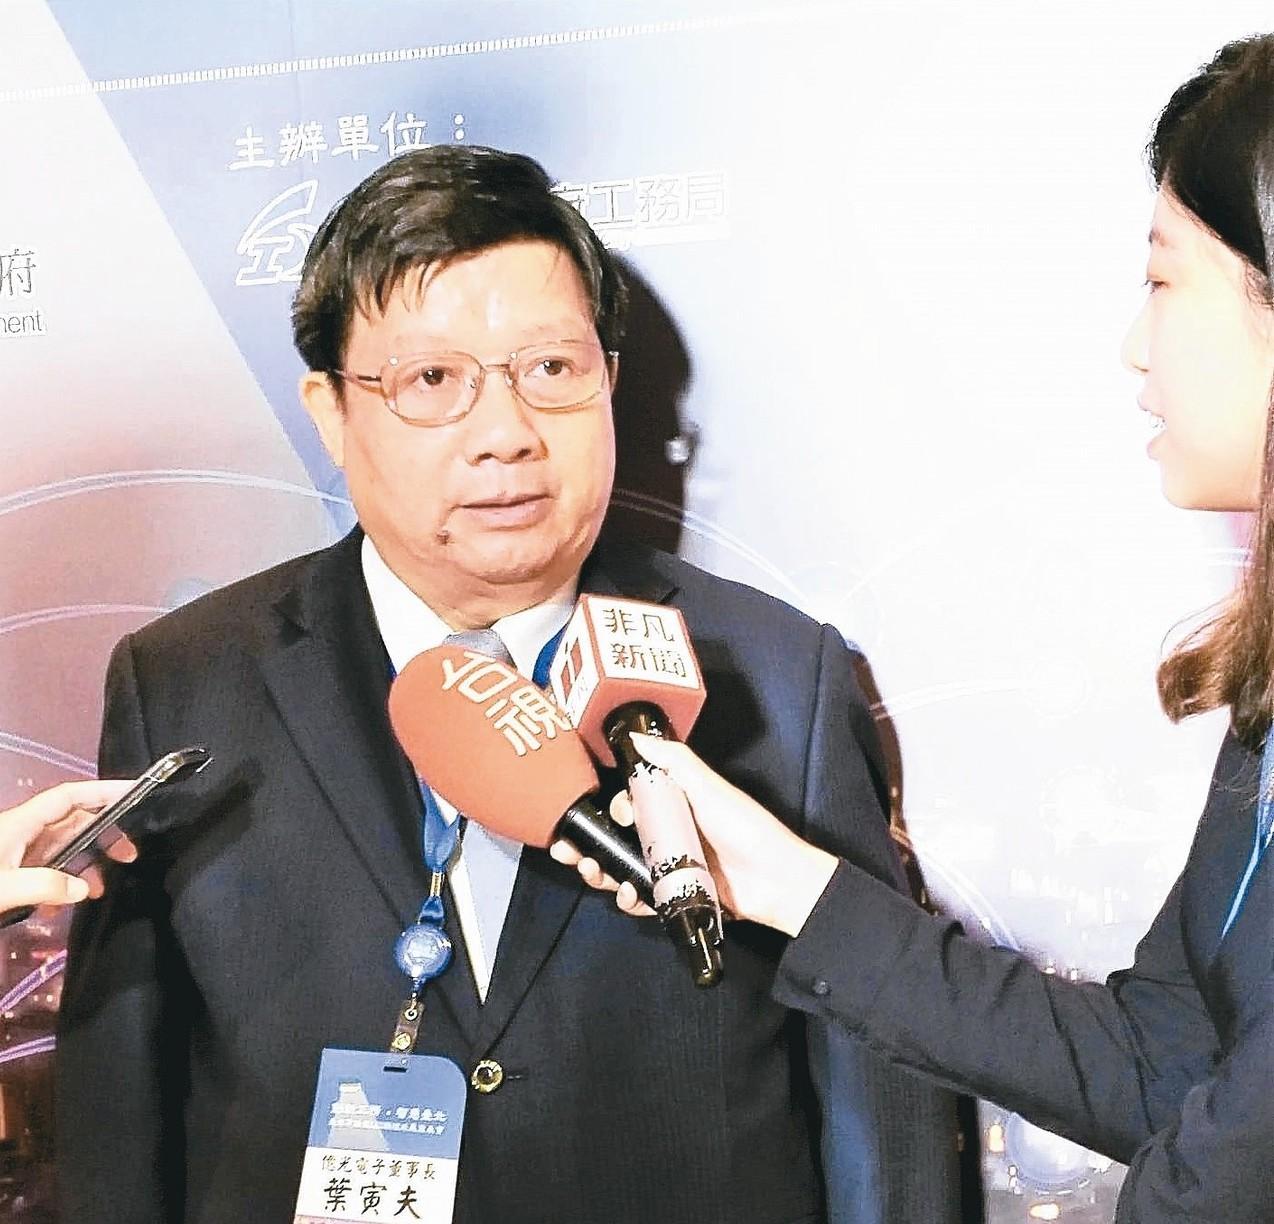 億光董事長葉寅夫。 圖/聯合報系資料照片